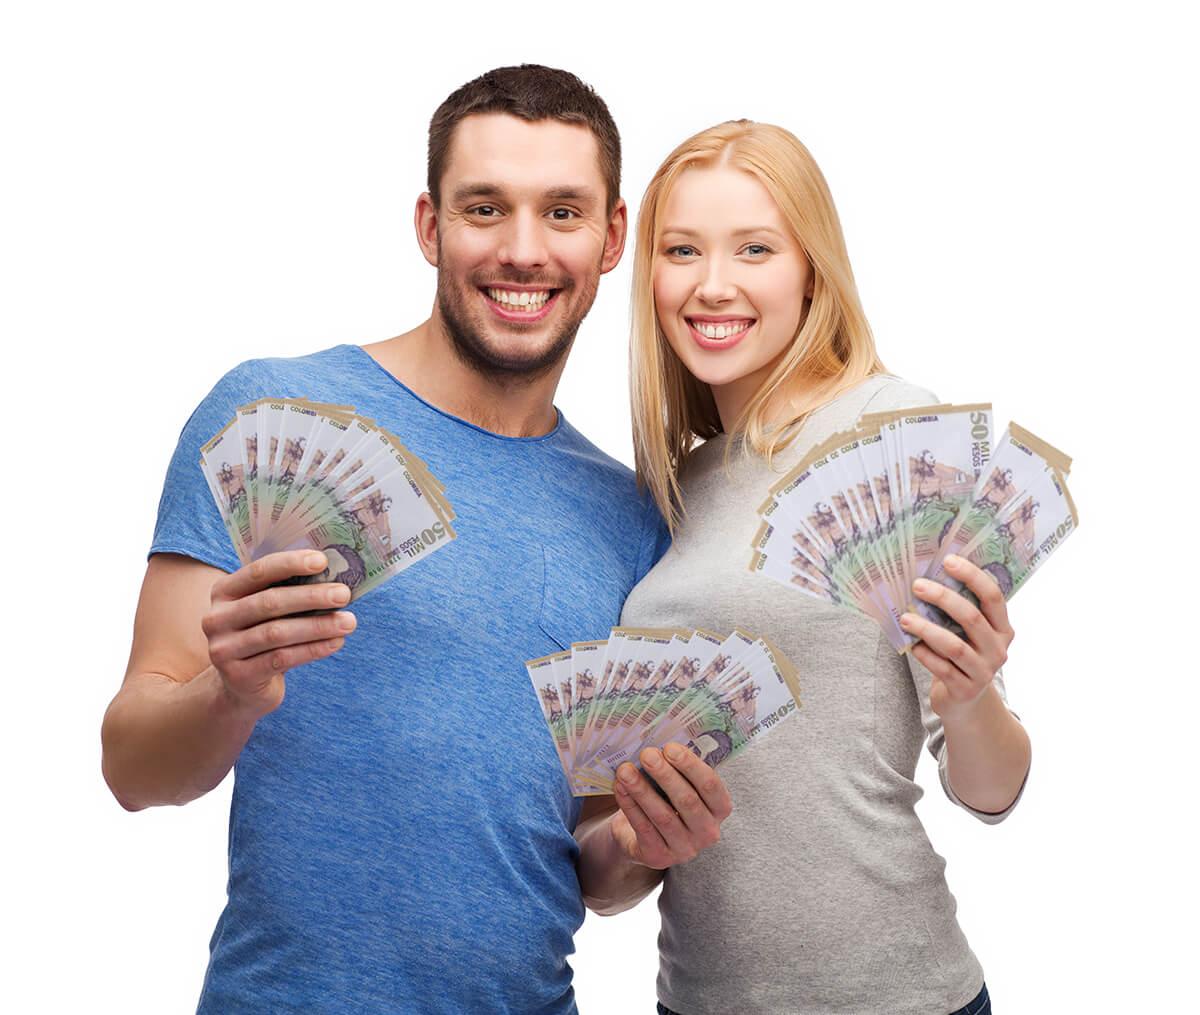 Préstamo de dinero al instante con tu vehículo, tarjeta de crédito, cheques y CDT